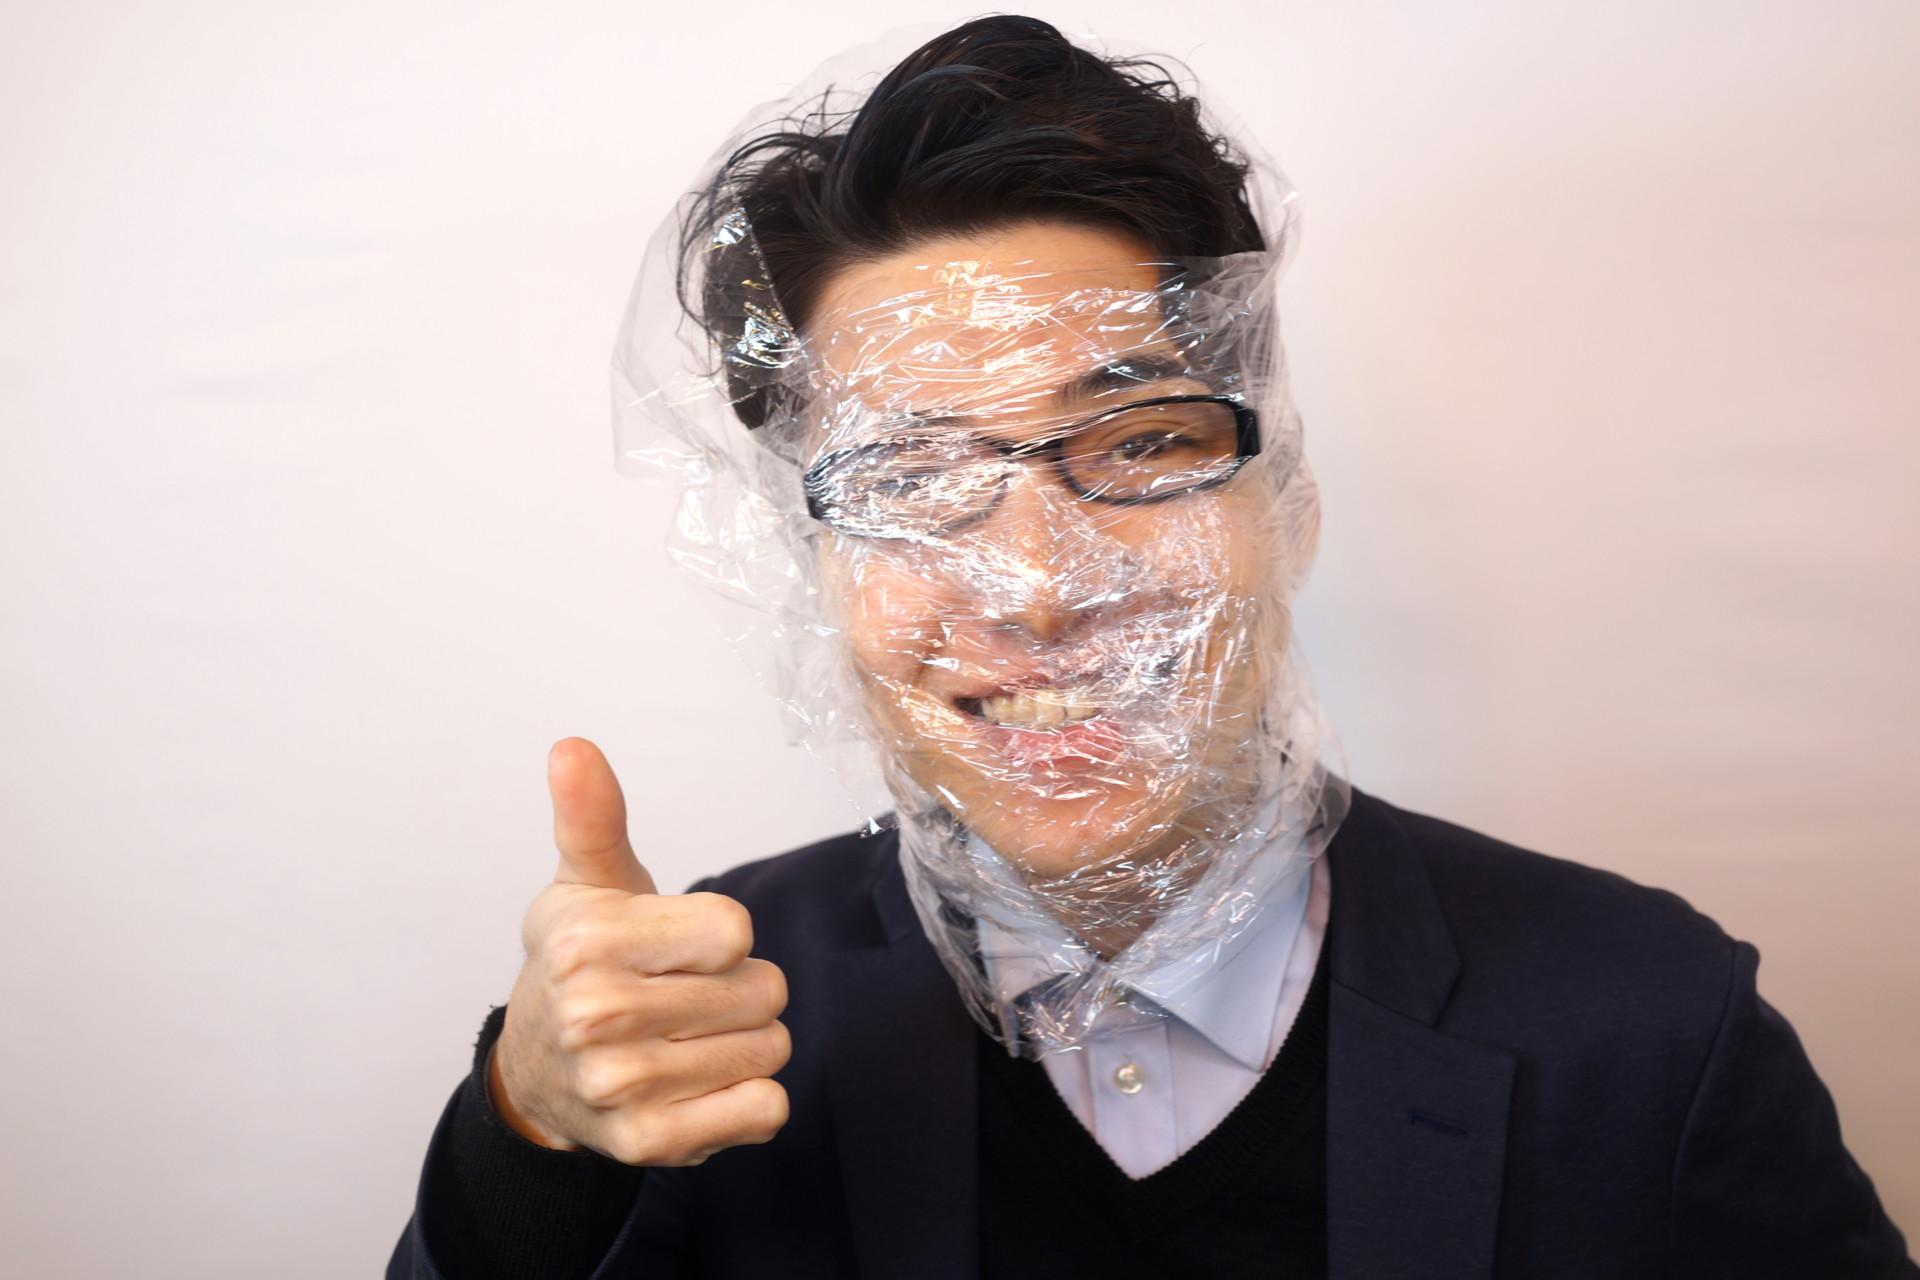 フリー画像素材】サランラップをぐるぐる巻きにしながらいいねする男性 – フリー素材のAPhoto(アフォト)